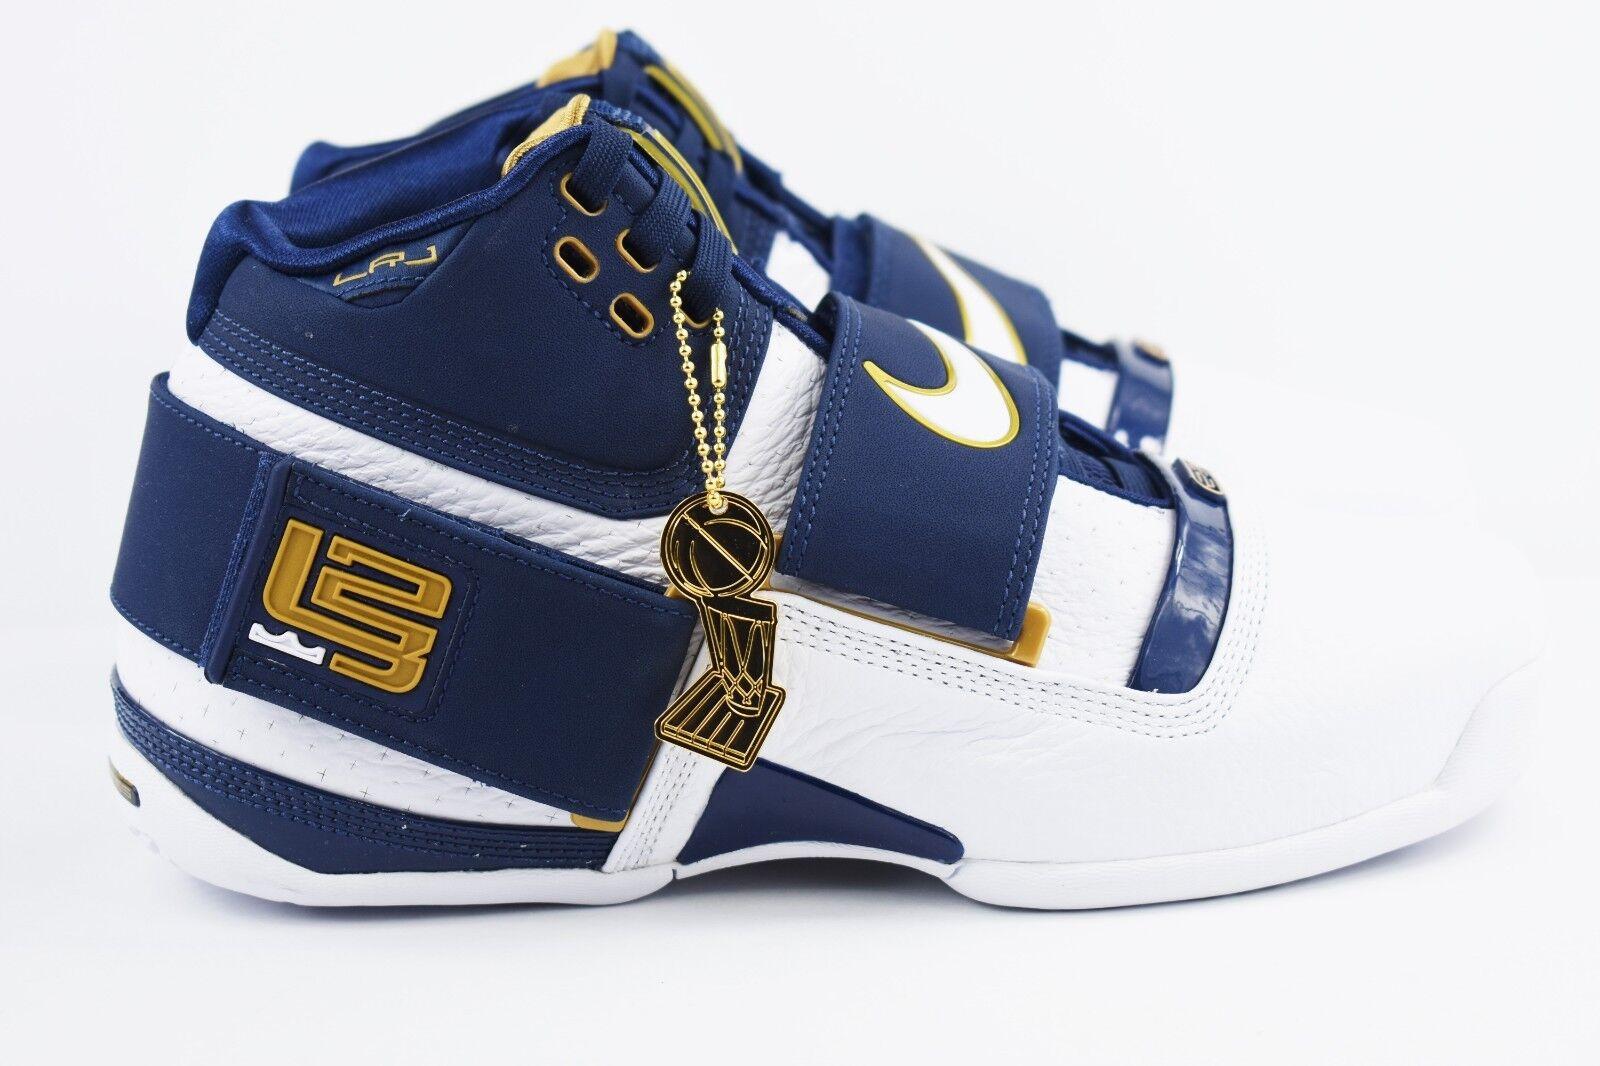 Nike Zoom LeBron Soldier CT16 QS Hombre comodo precio precio precio de temporada corta, beneficios de descuentos 576df2